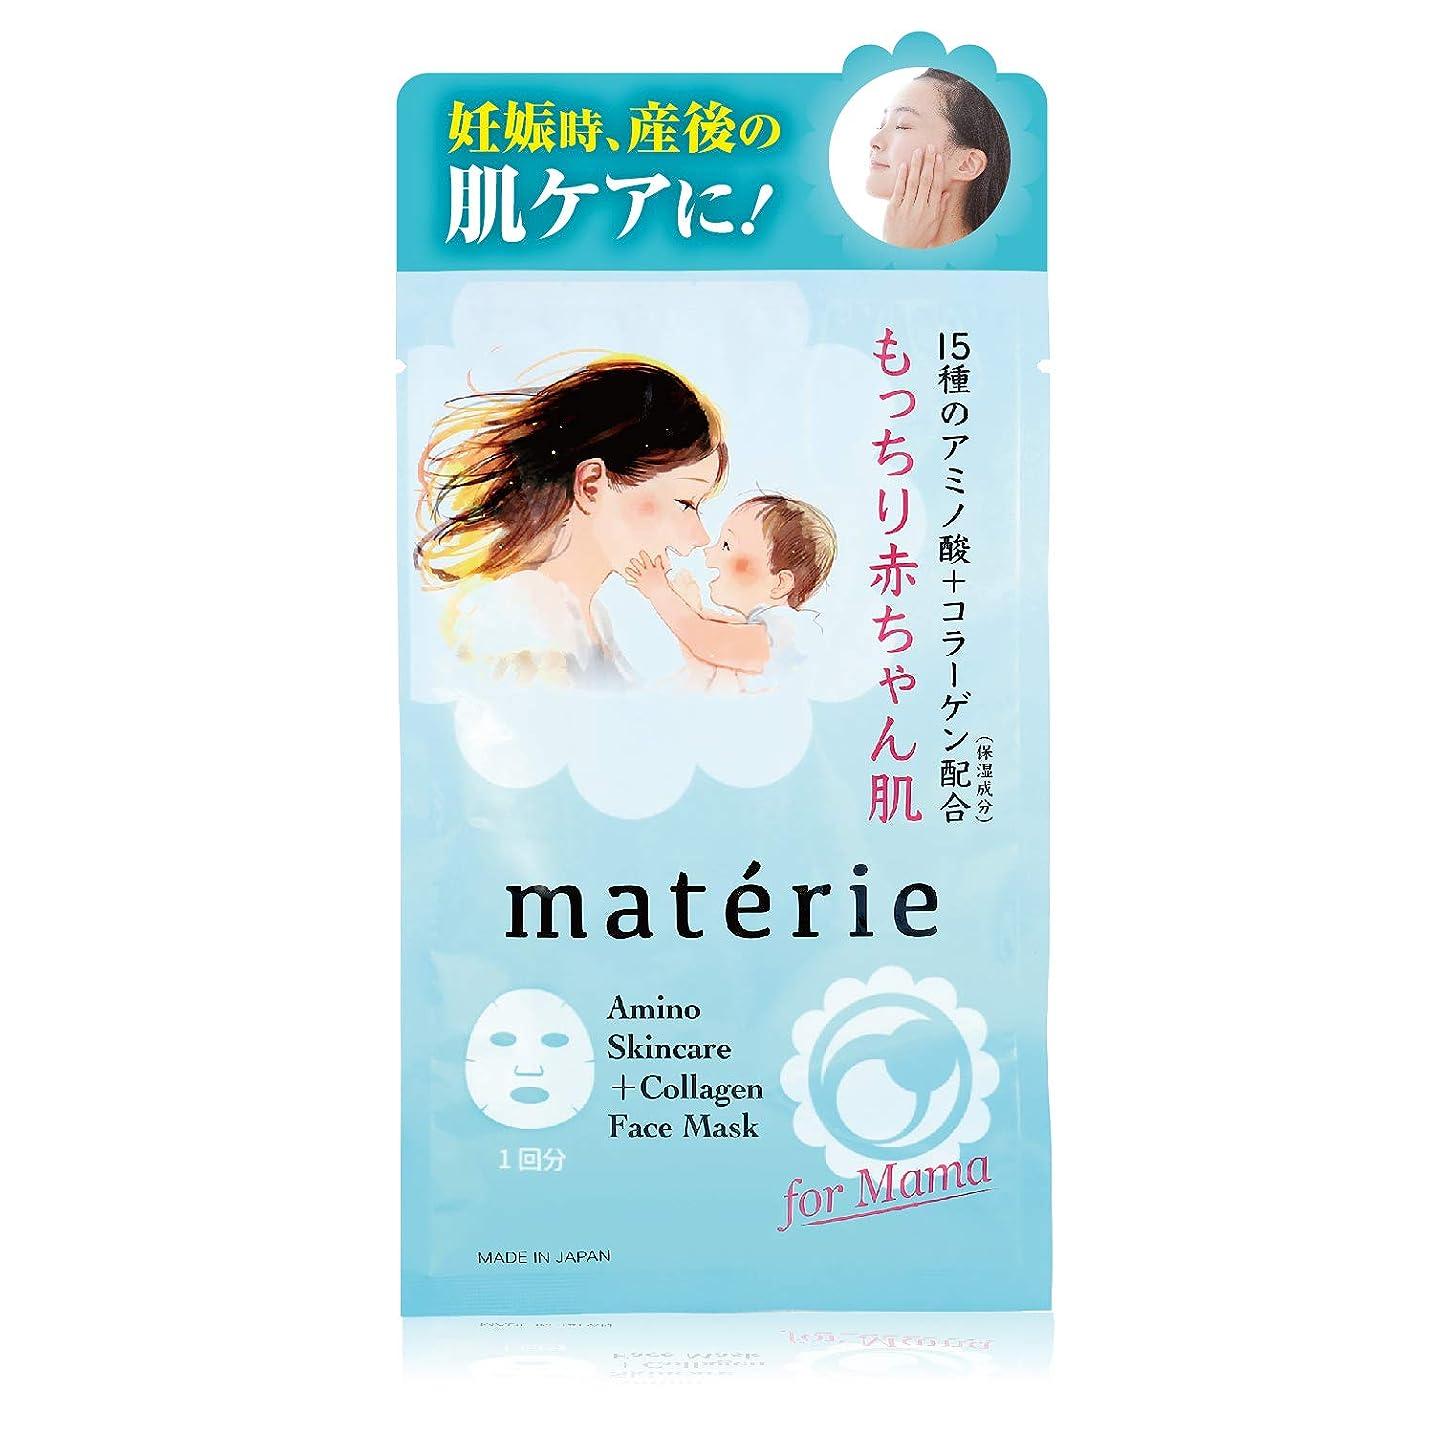 リップ装備する不満materie マタニティ 妊婦 フェイスマスク 敏感肌 乾燥肌 無添加 高保湿 低刺激 フェイスパック シートマスク マテリエ 1枚入